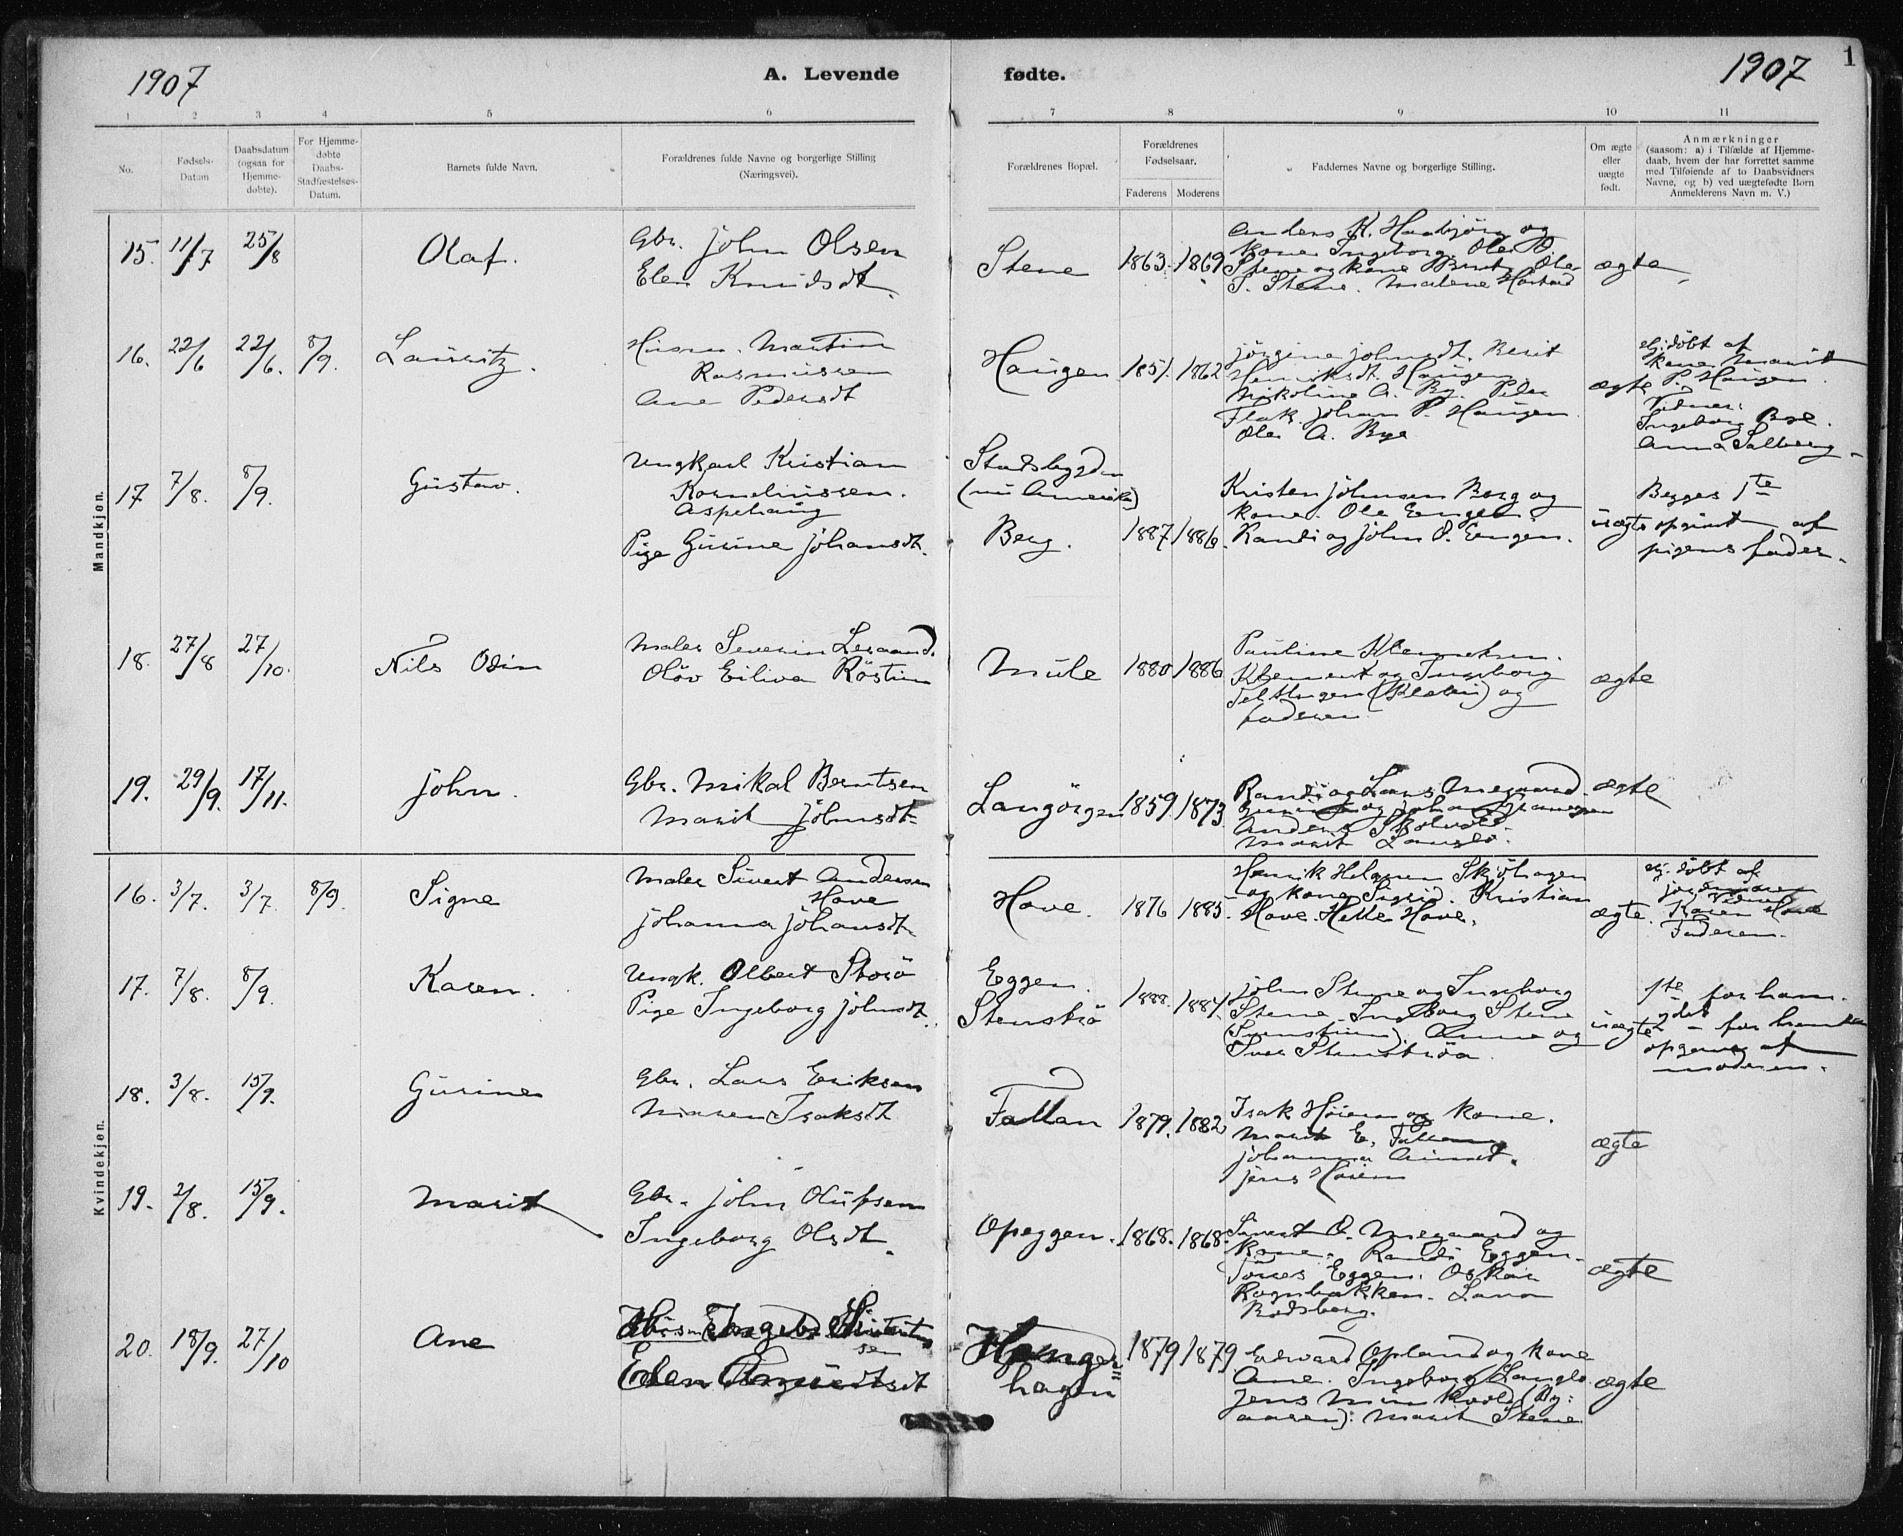 SAT, Ministerialprotokoller, klokkerbøker og fødselsregistre - Sør-Trøndelag, 612/L0381: Ministerialbok nr. 612A13, 1907-1923, s. 1